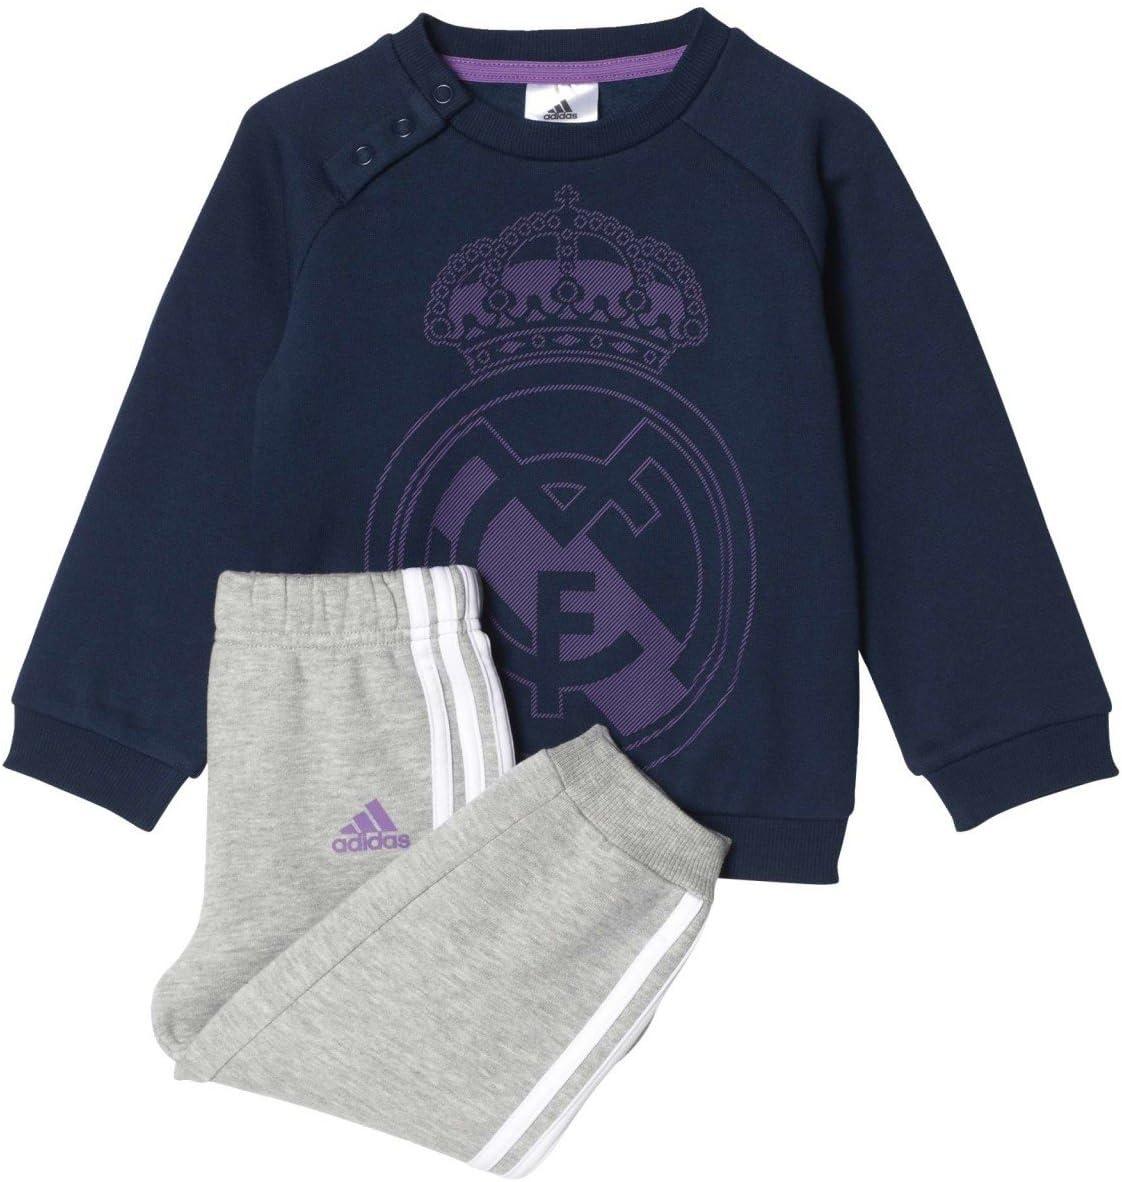 adidas I Real Jogger Pantalones de Chándal, Niños, Azul (Maruni/Vioray), 98: Amazon.es: Ropa y accesorios